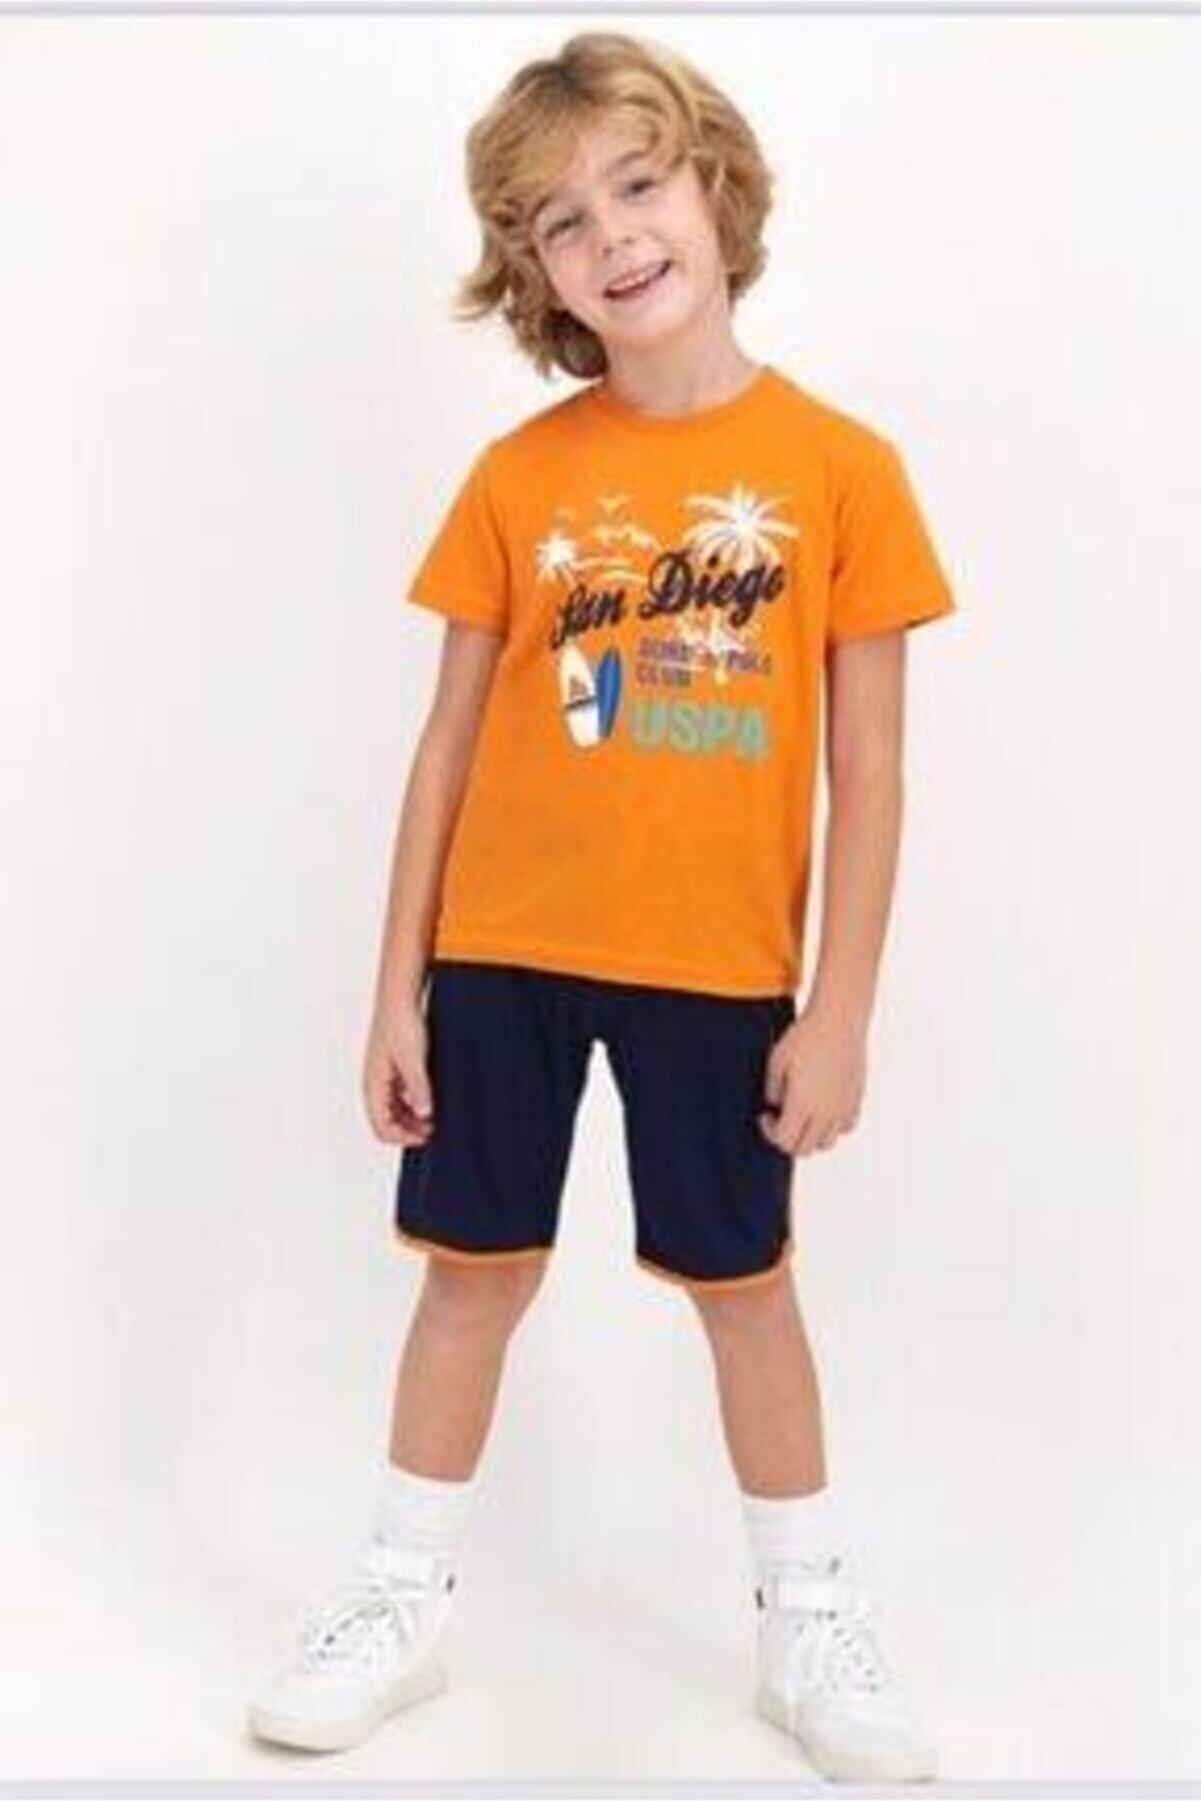 US Polo Assn Erkek Çocuk Turuncu Takım  822-g